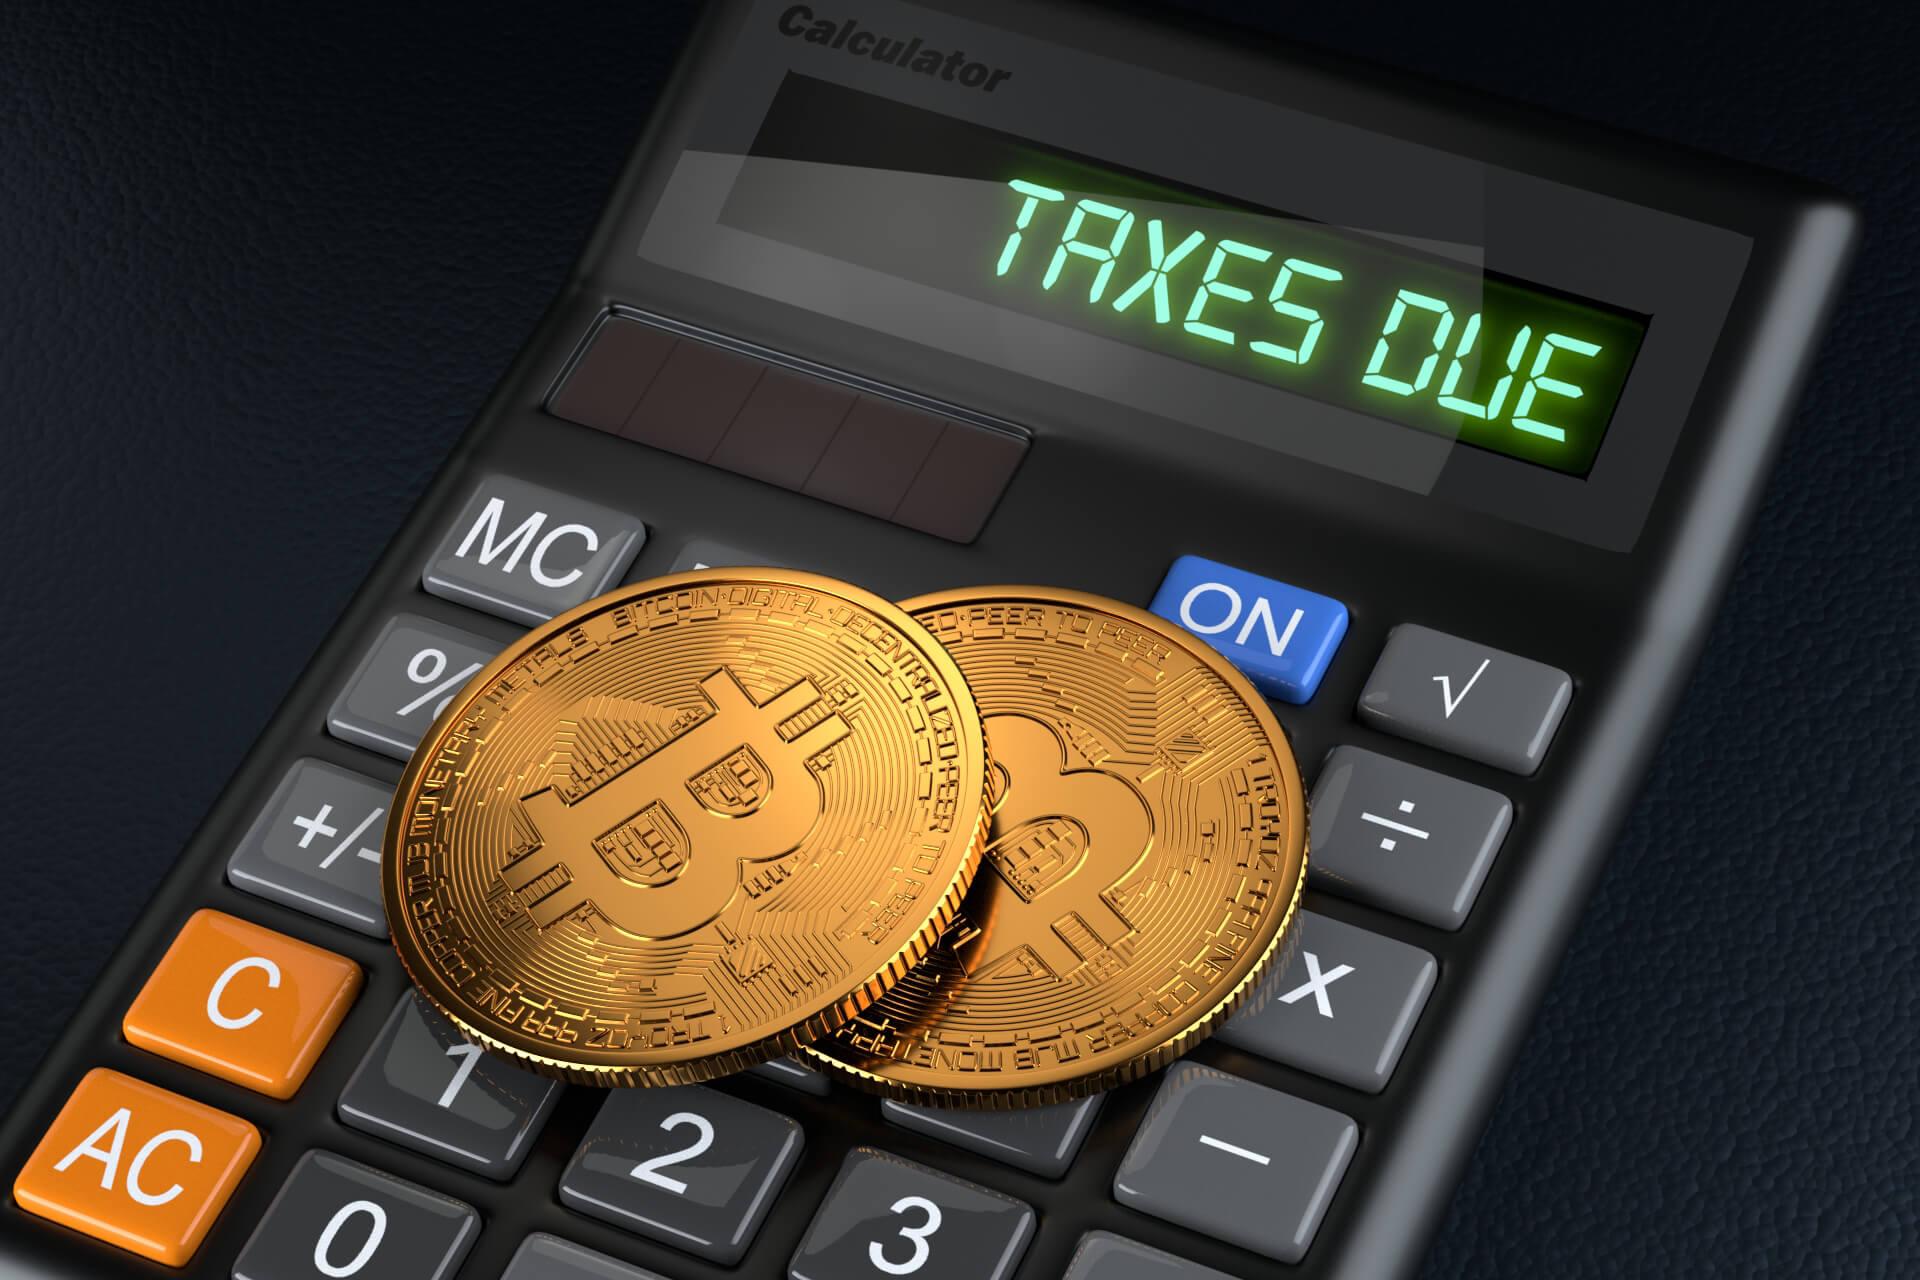 Một bang thuộc Thụy Sĩ hiện chấp nhận thanh toán thuế bằng BTC và ETH